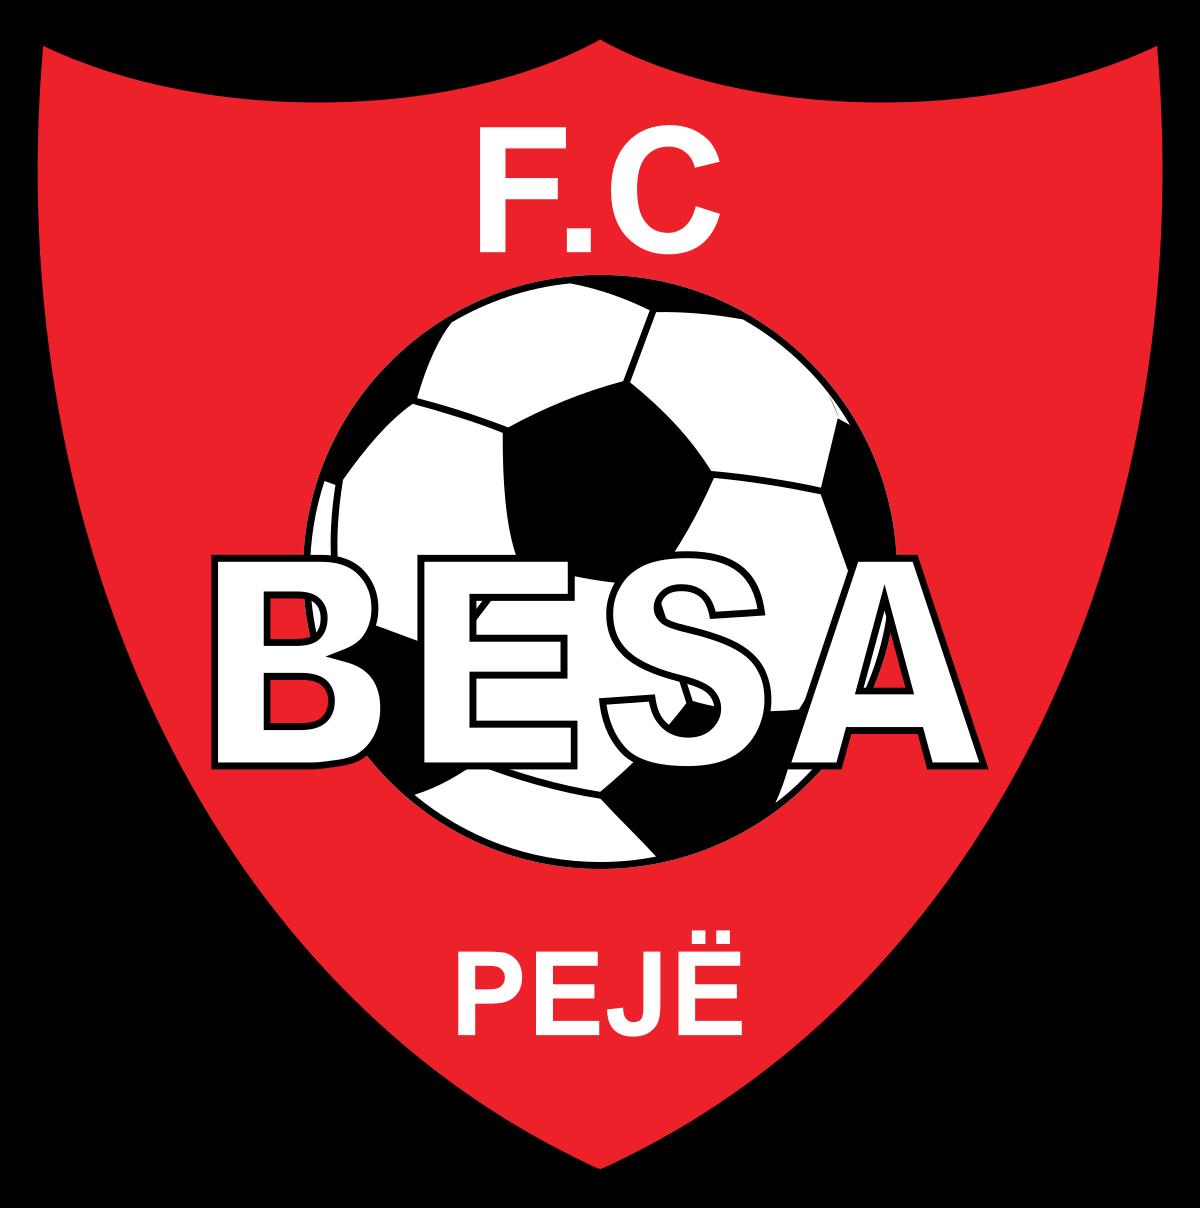 Besa Peje logo